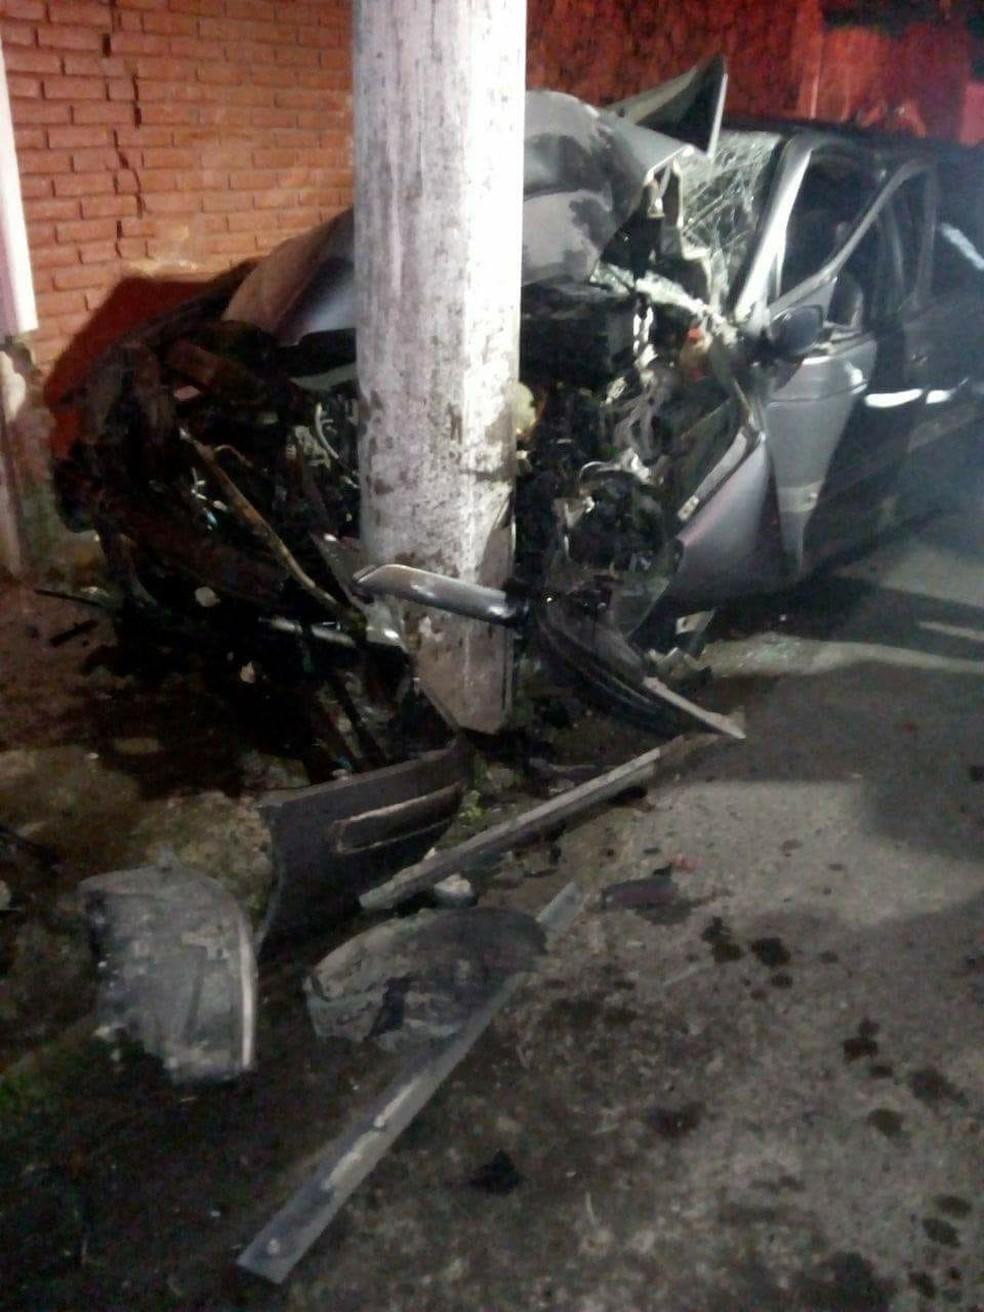 Homem morre após bater o carro em poste no Centro de Ubatuba, SP (Foto: Fabricio Tcheller/Arquivo pessoal)